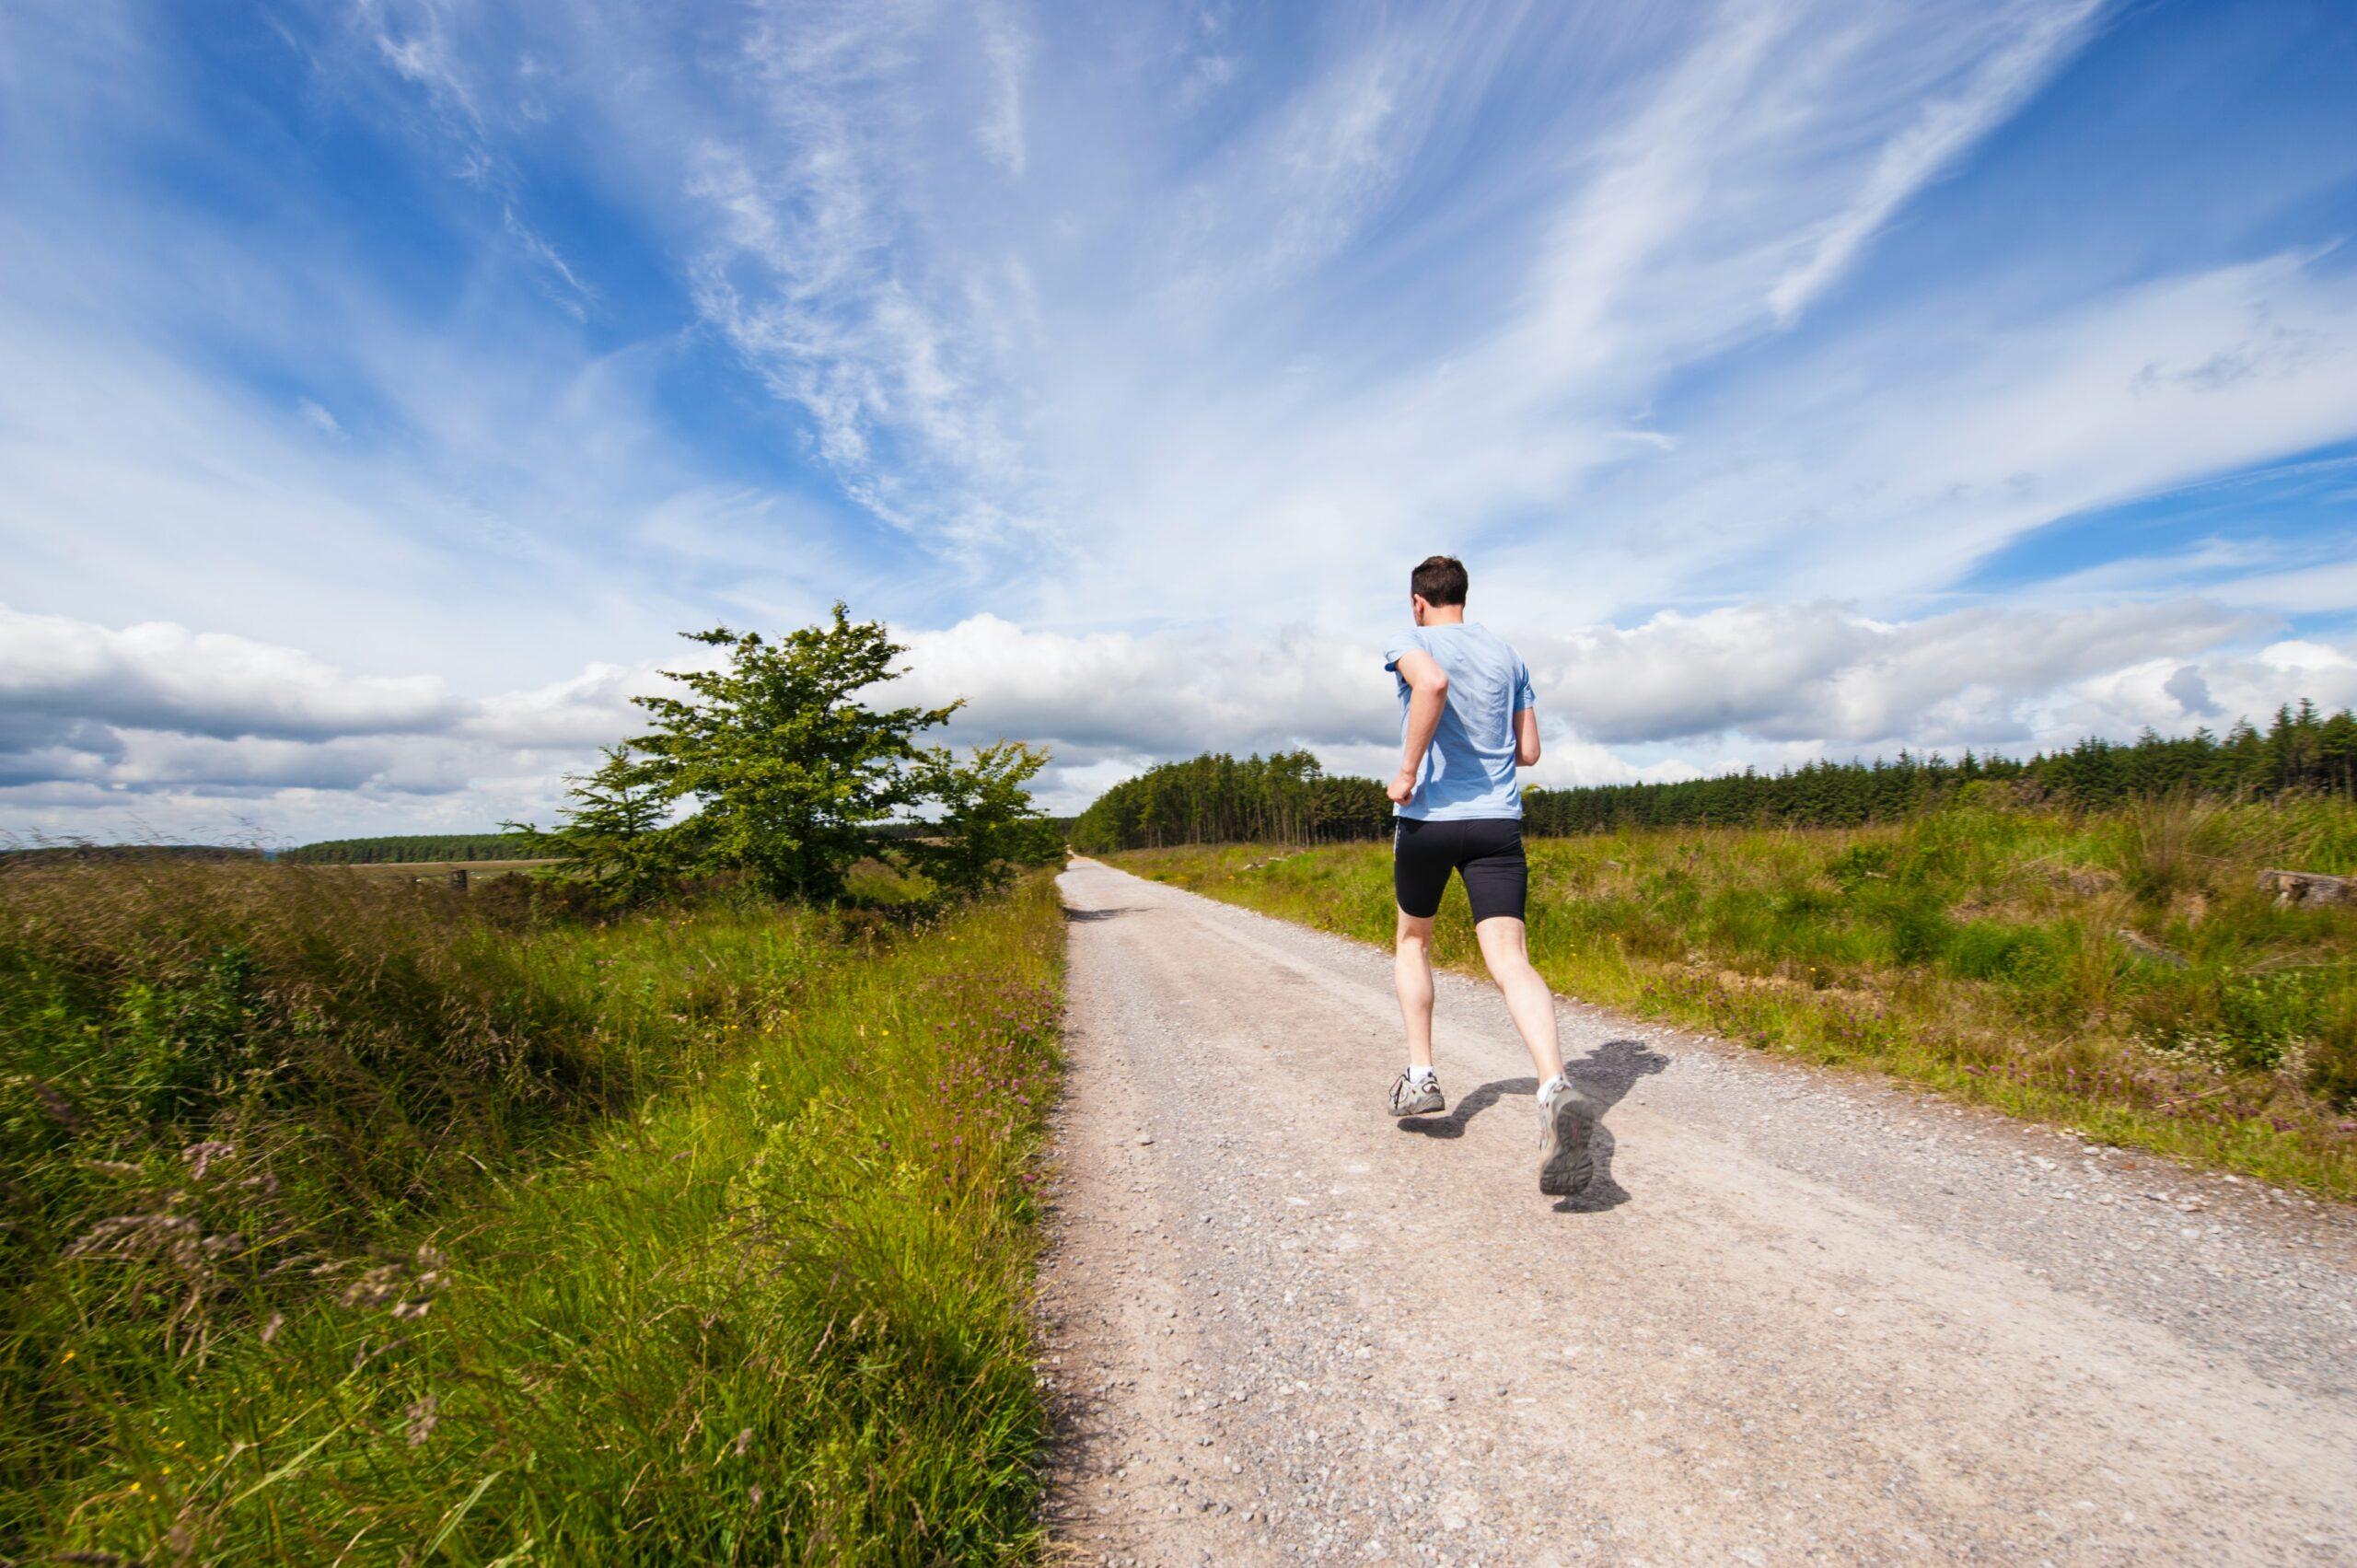 meeste terviserasva kaotuse ahel tervislik kaalulangus 100 paeva jooksul